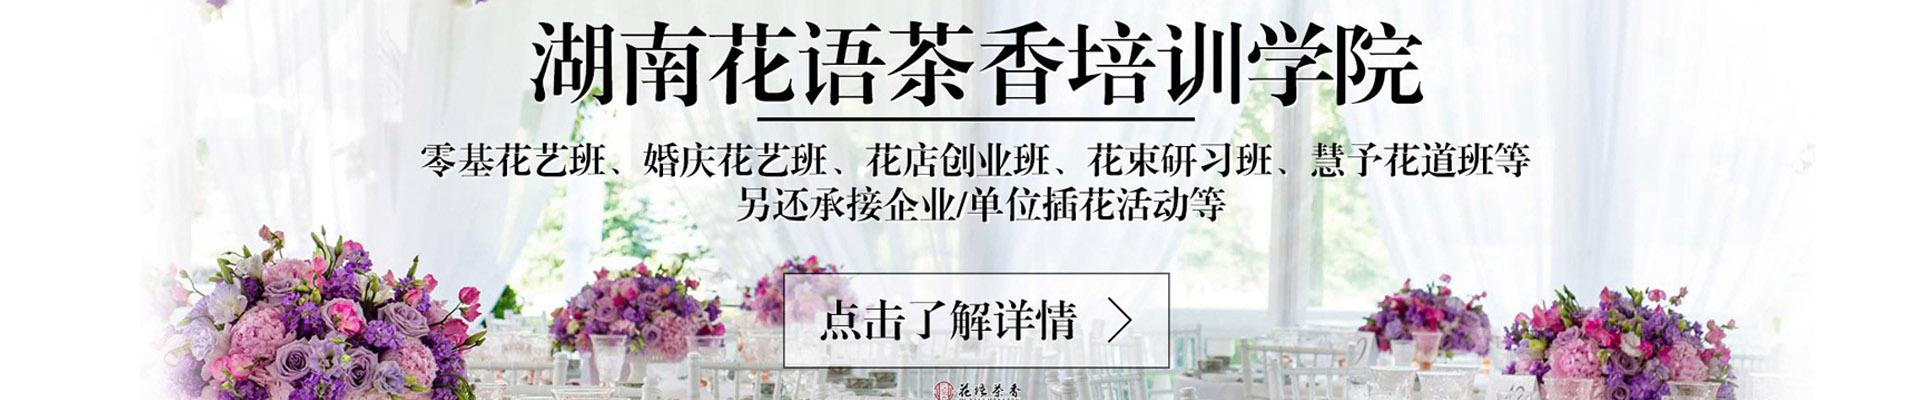 长沙花语茶香培训学校